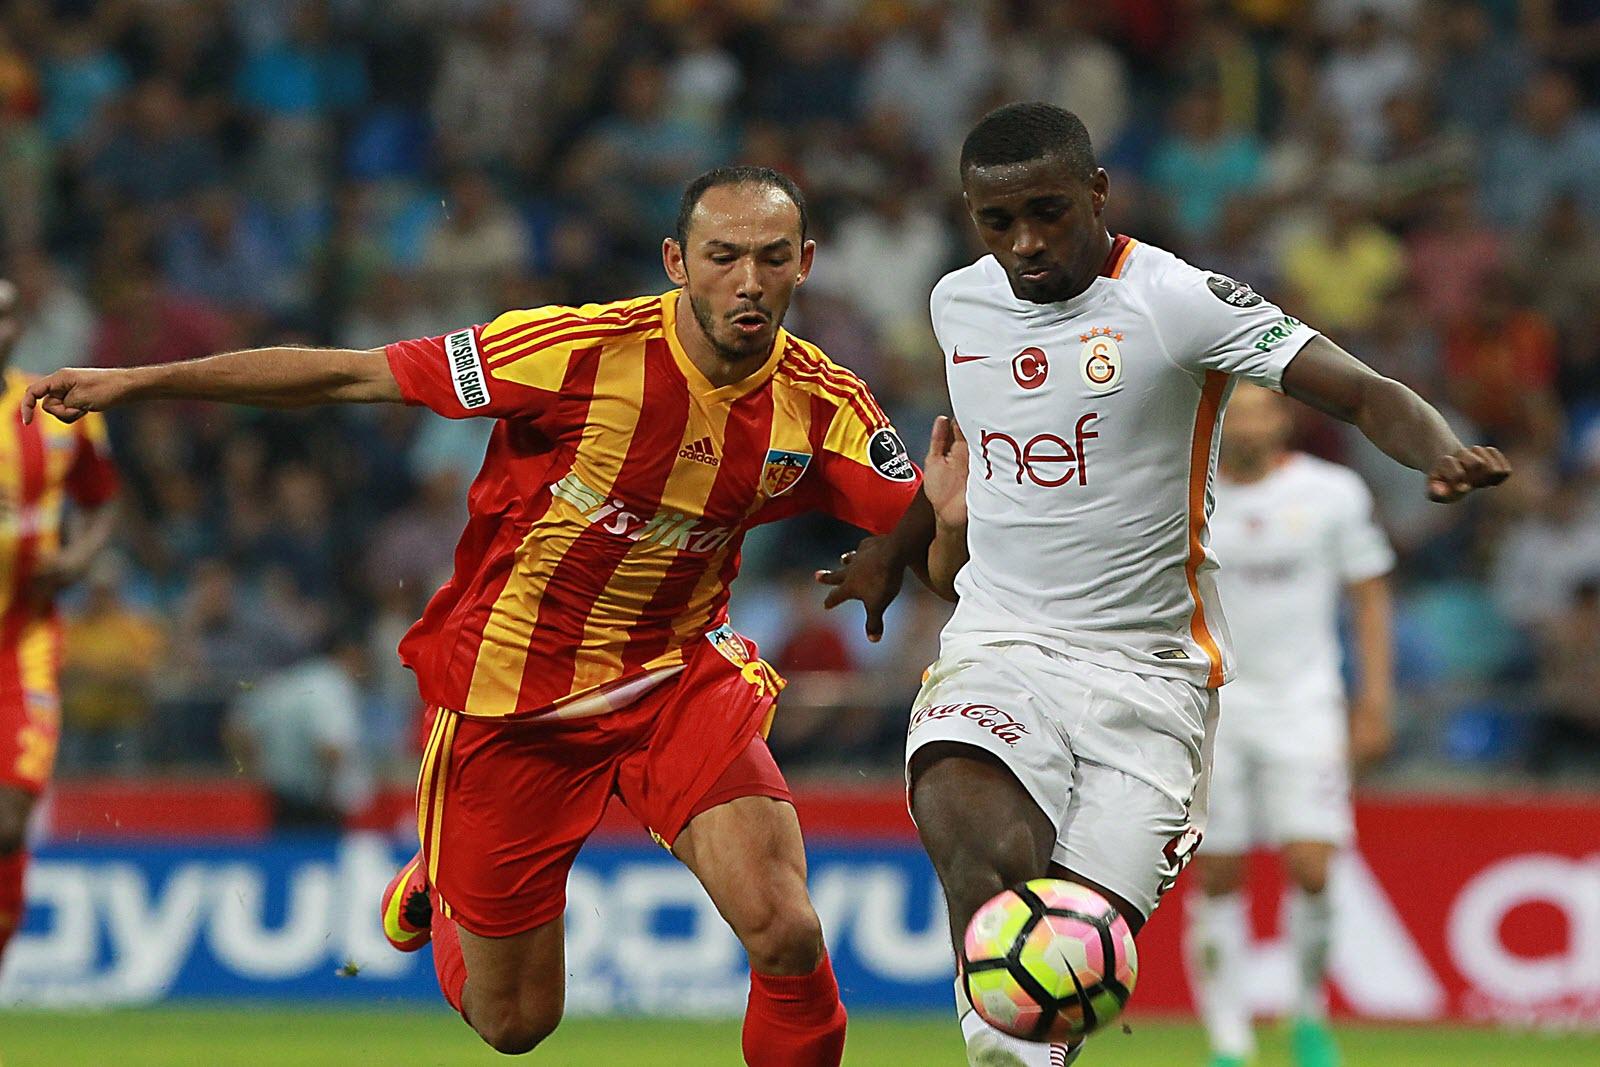 Soi kèo Galatasaray vs Kayserispor, 23h30 ngày 23/11, VĐQG Thổ Nhĩ Kỳ